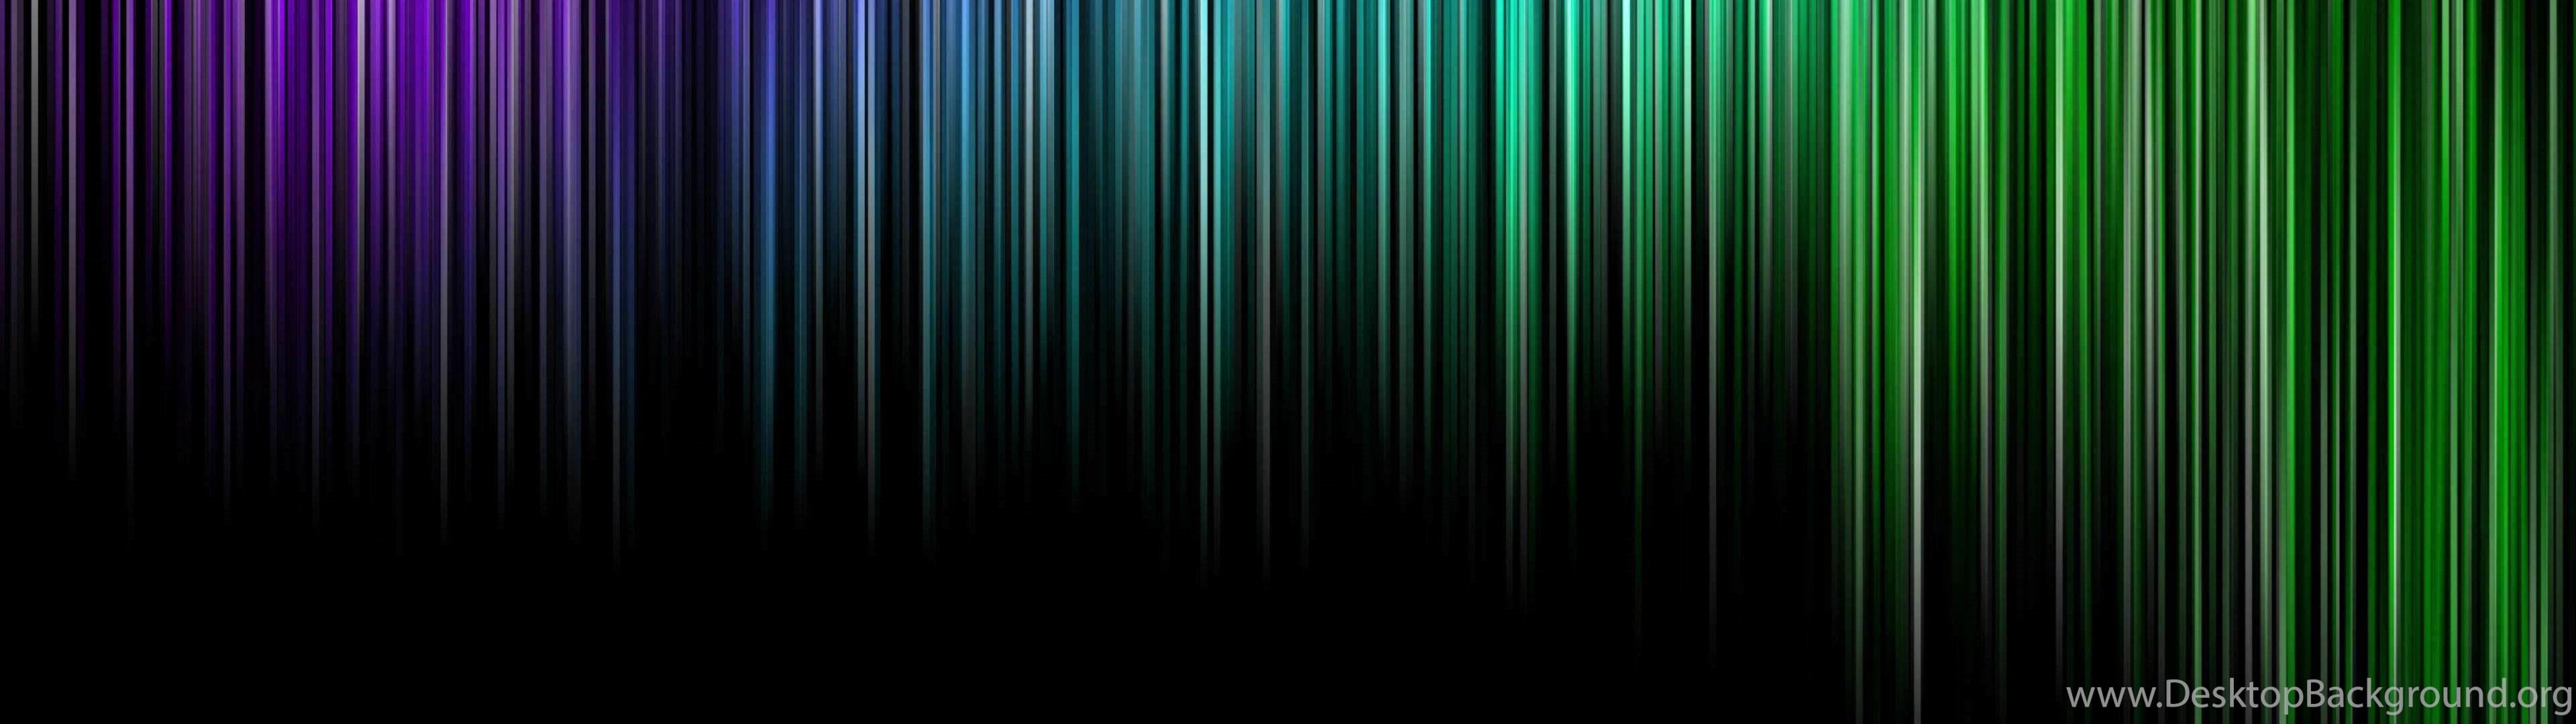 920664 purple to green digital rain 3840x2160 4k 16 9 ultra hd